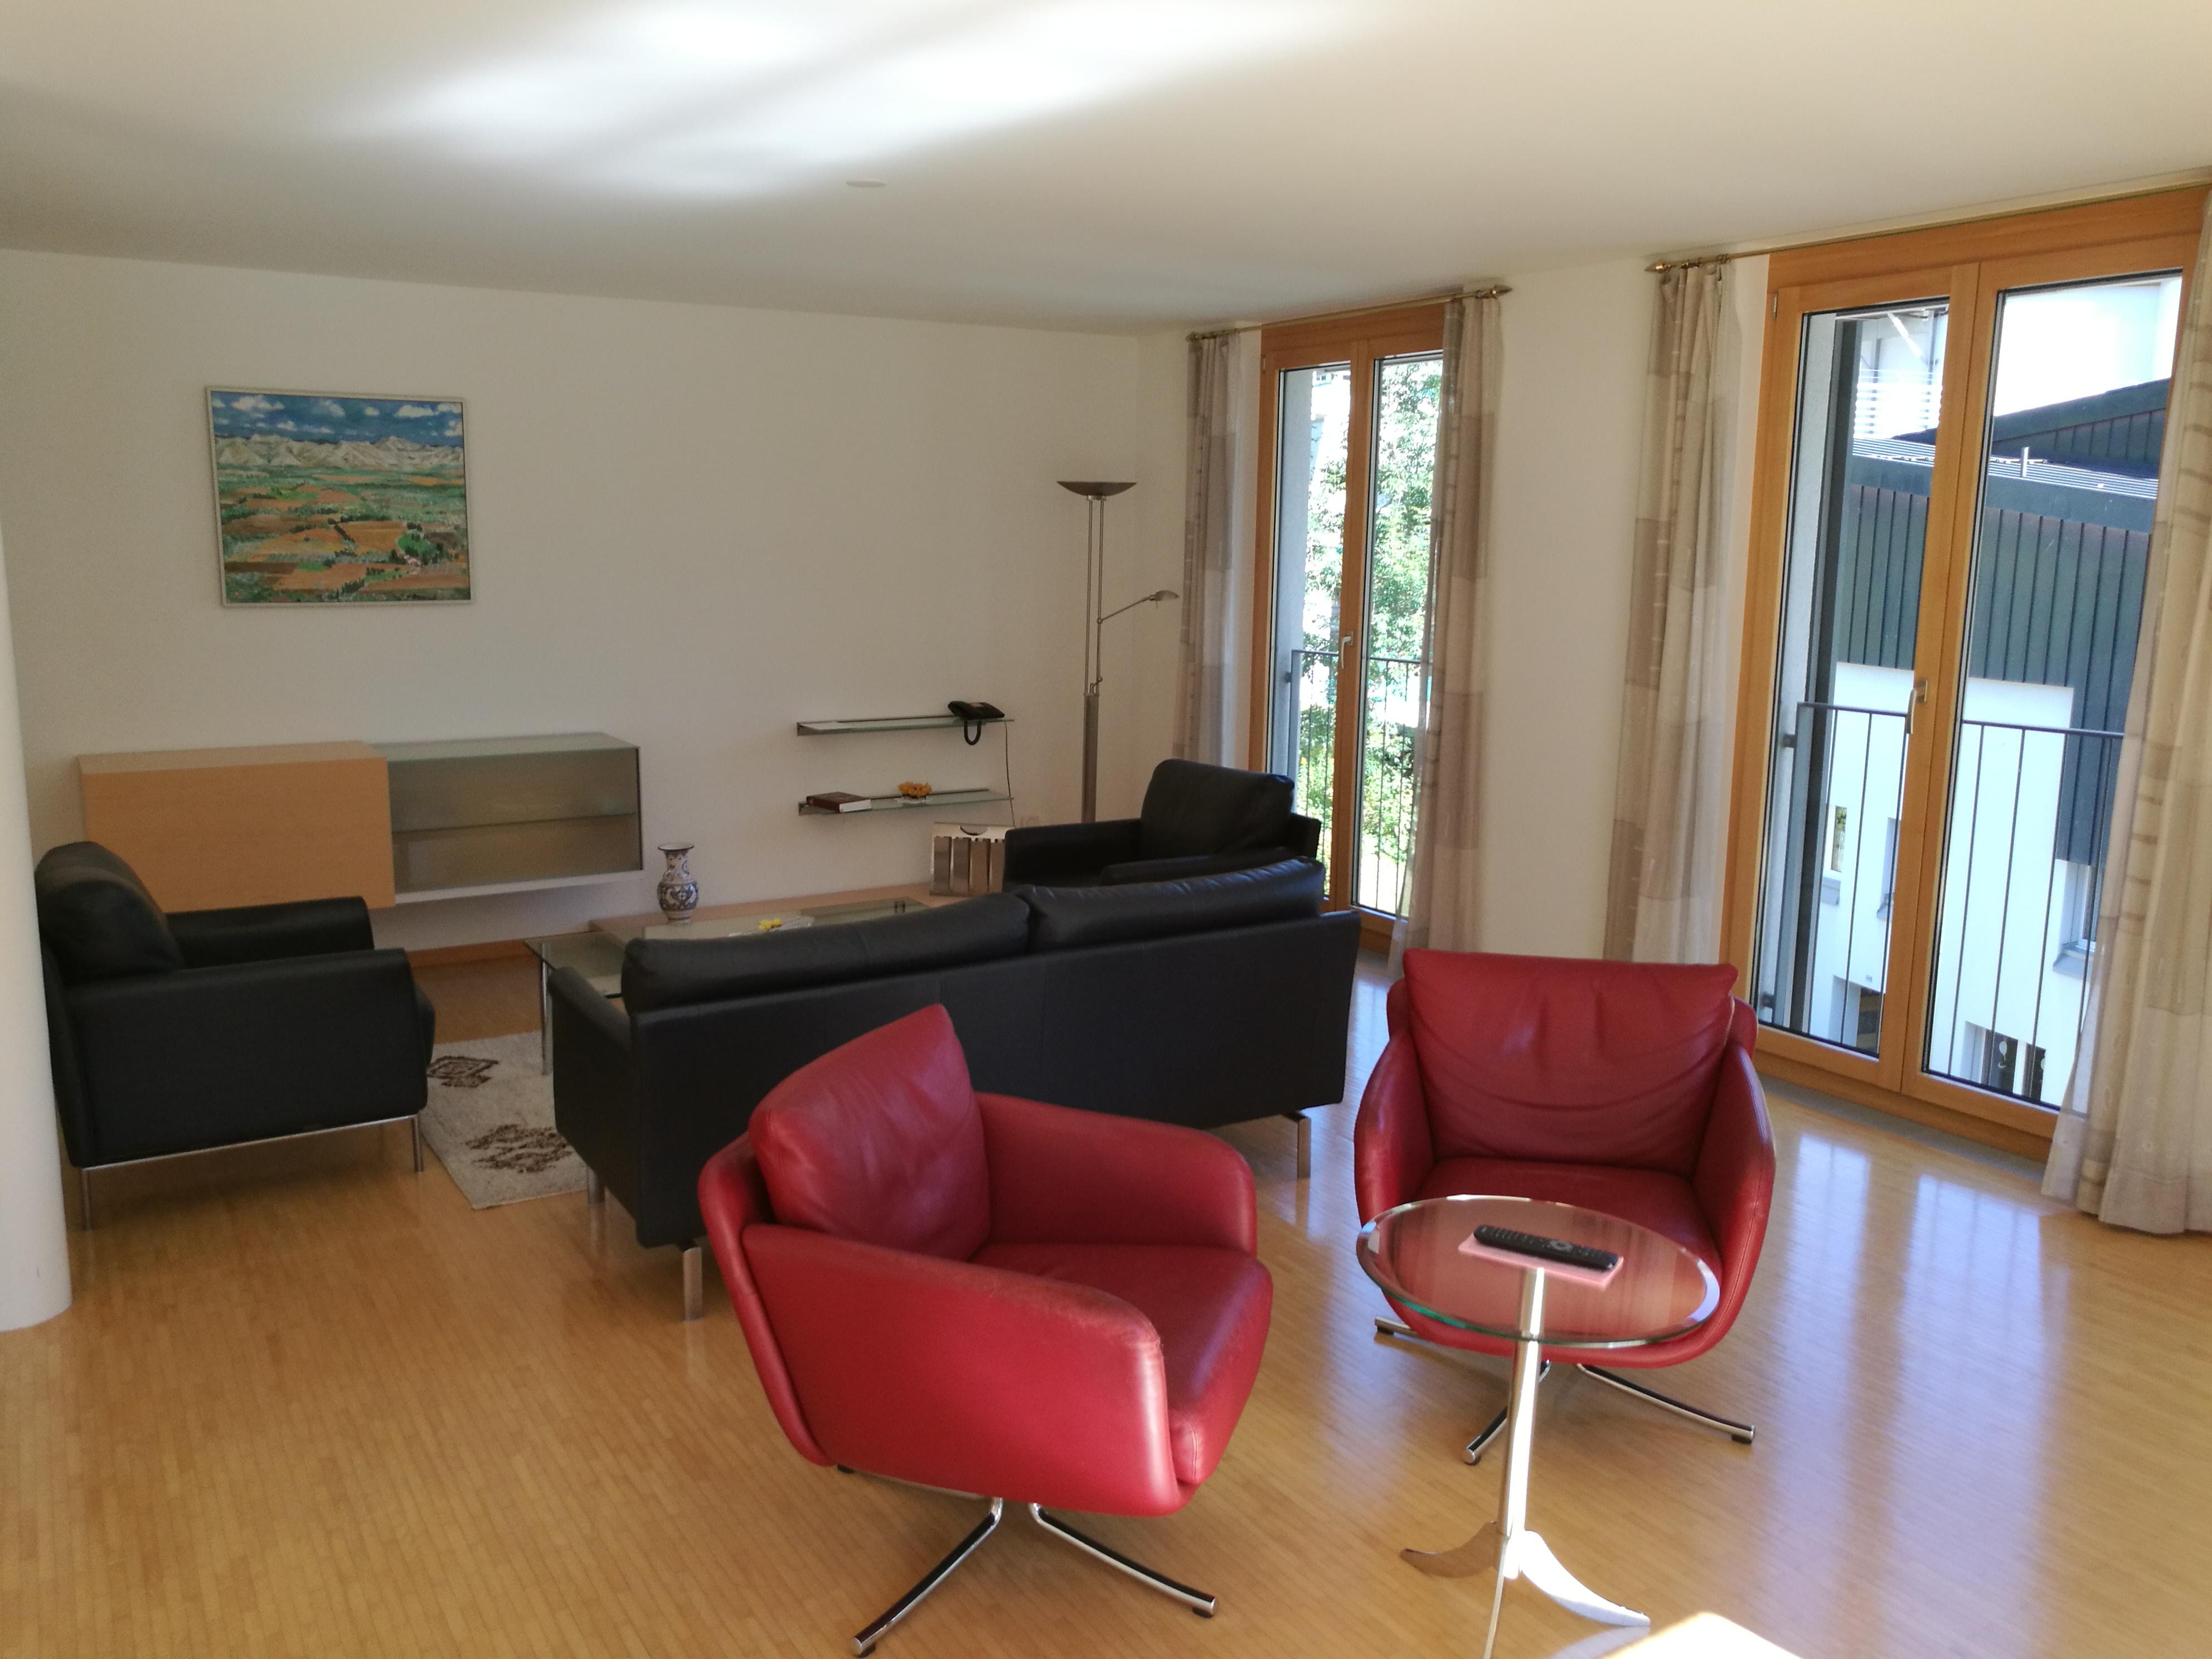 Appartement Ost Wohnzimmer